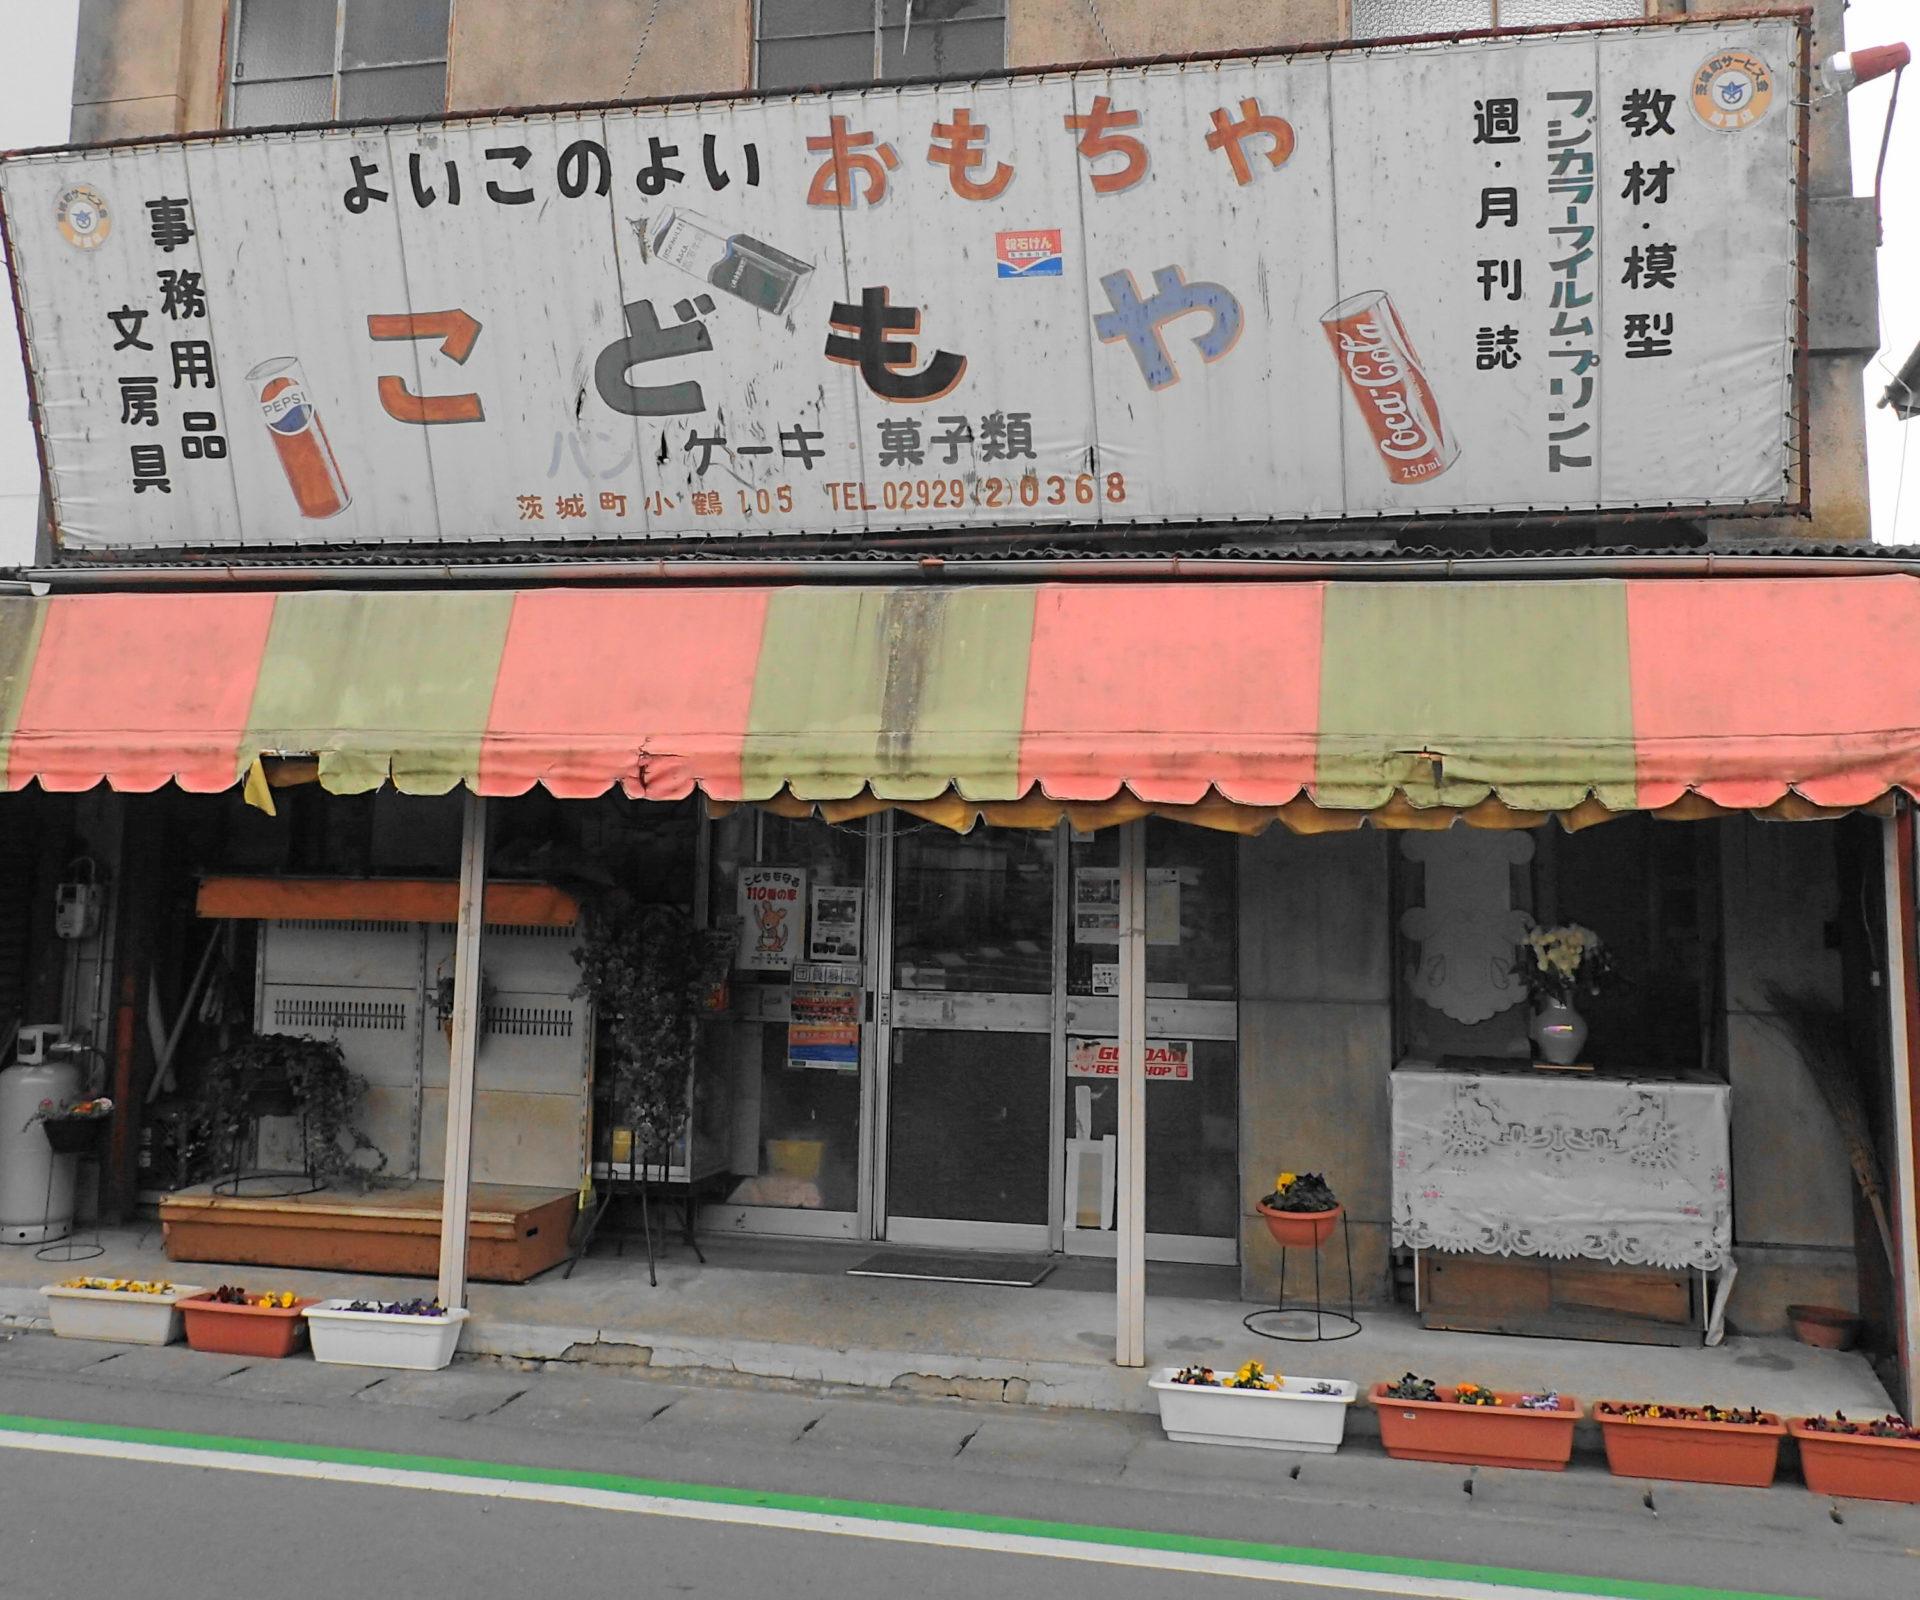 こどもや@茨城町小鶴|レトロなお店で駄菓子&玩具!! - いばらじお♪